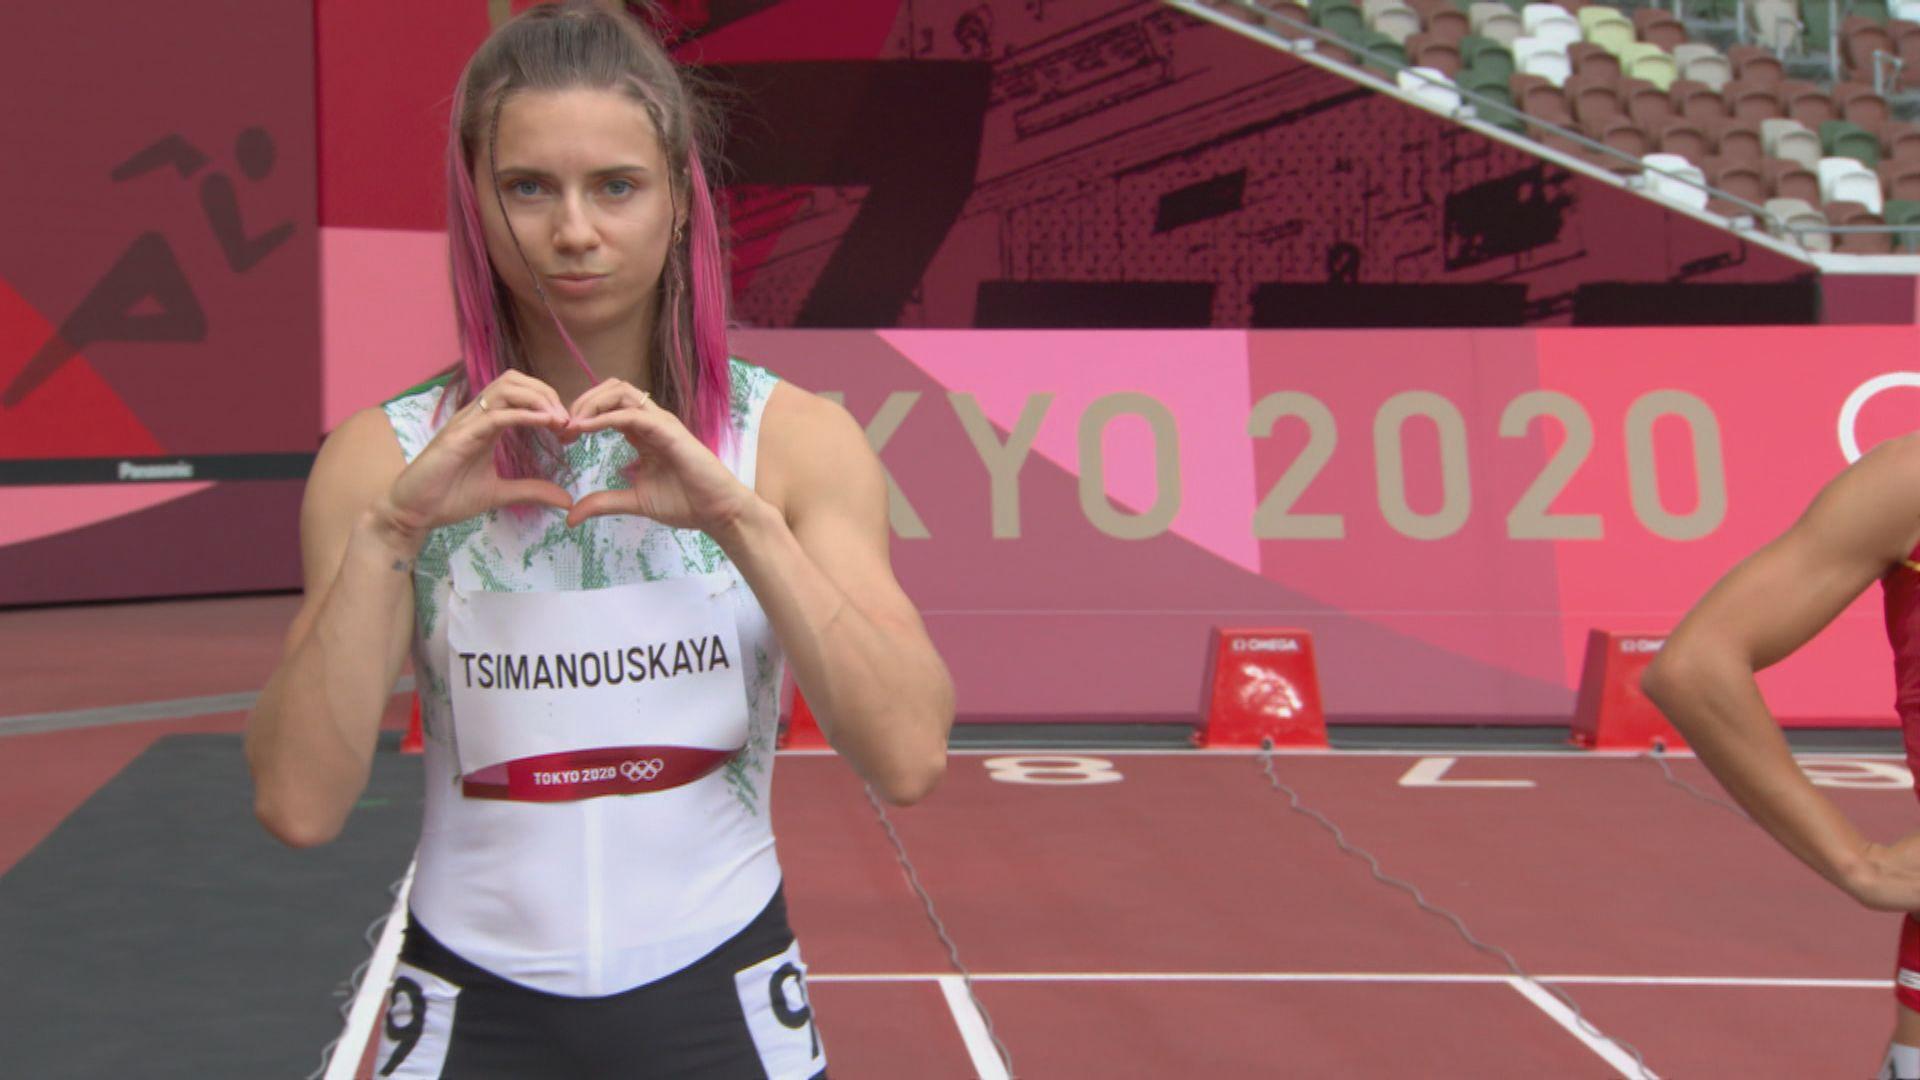 波蘭稱將向白俄女跑手齊馬諾斯卡雅提供必要協助